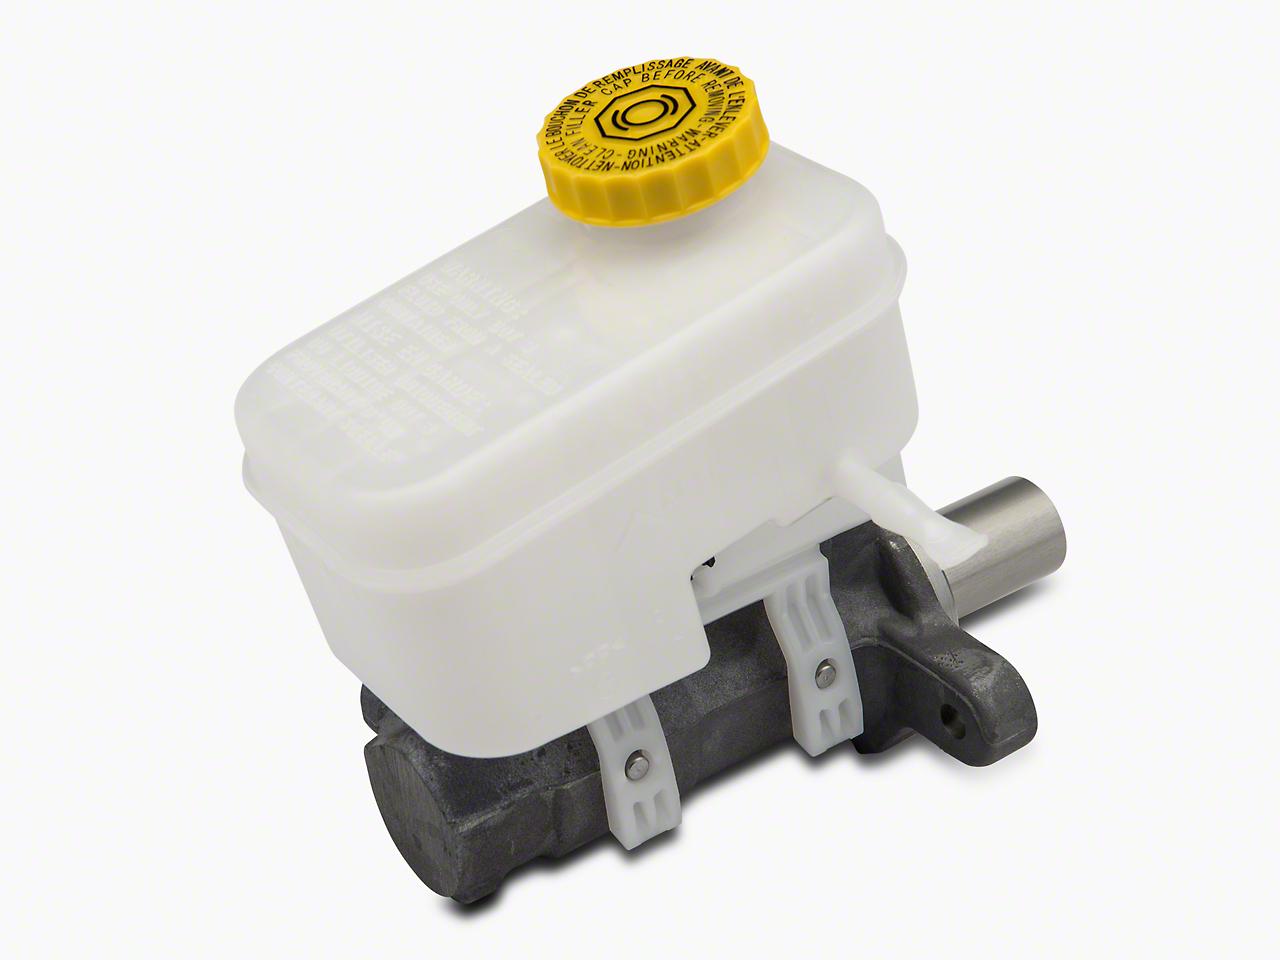 Teraflex Brake Master Cylinder w/oversized Bore (07-18 Wrangler JK)